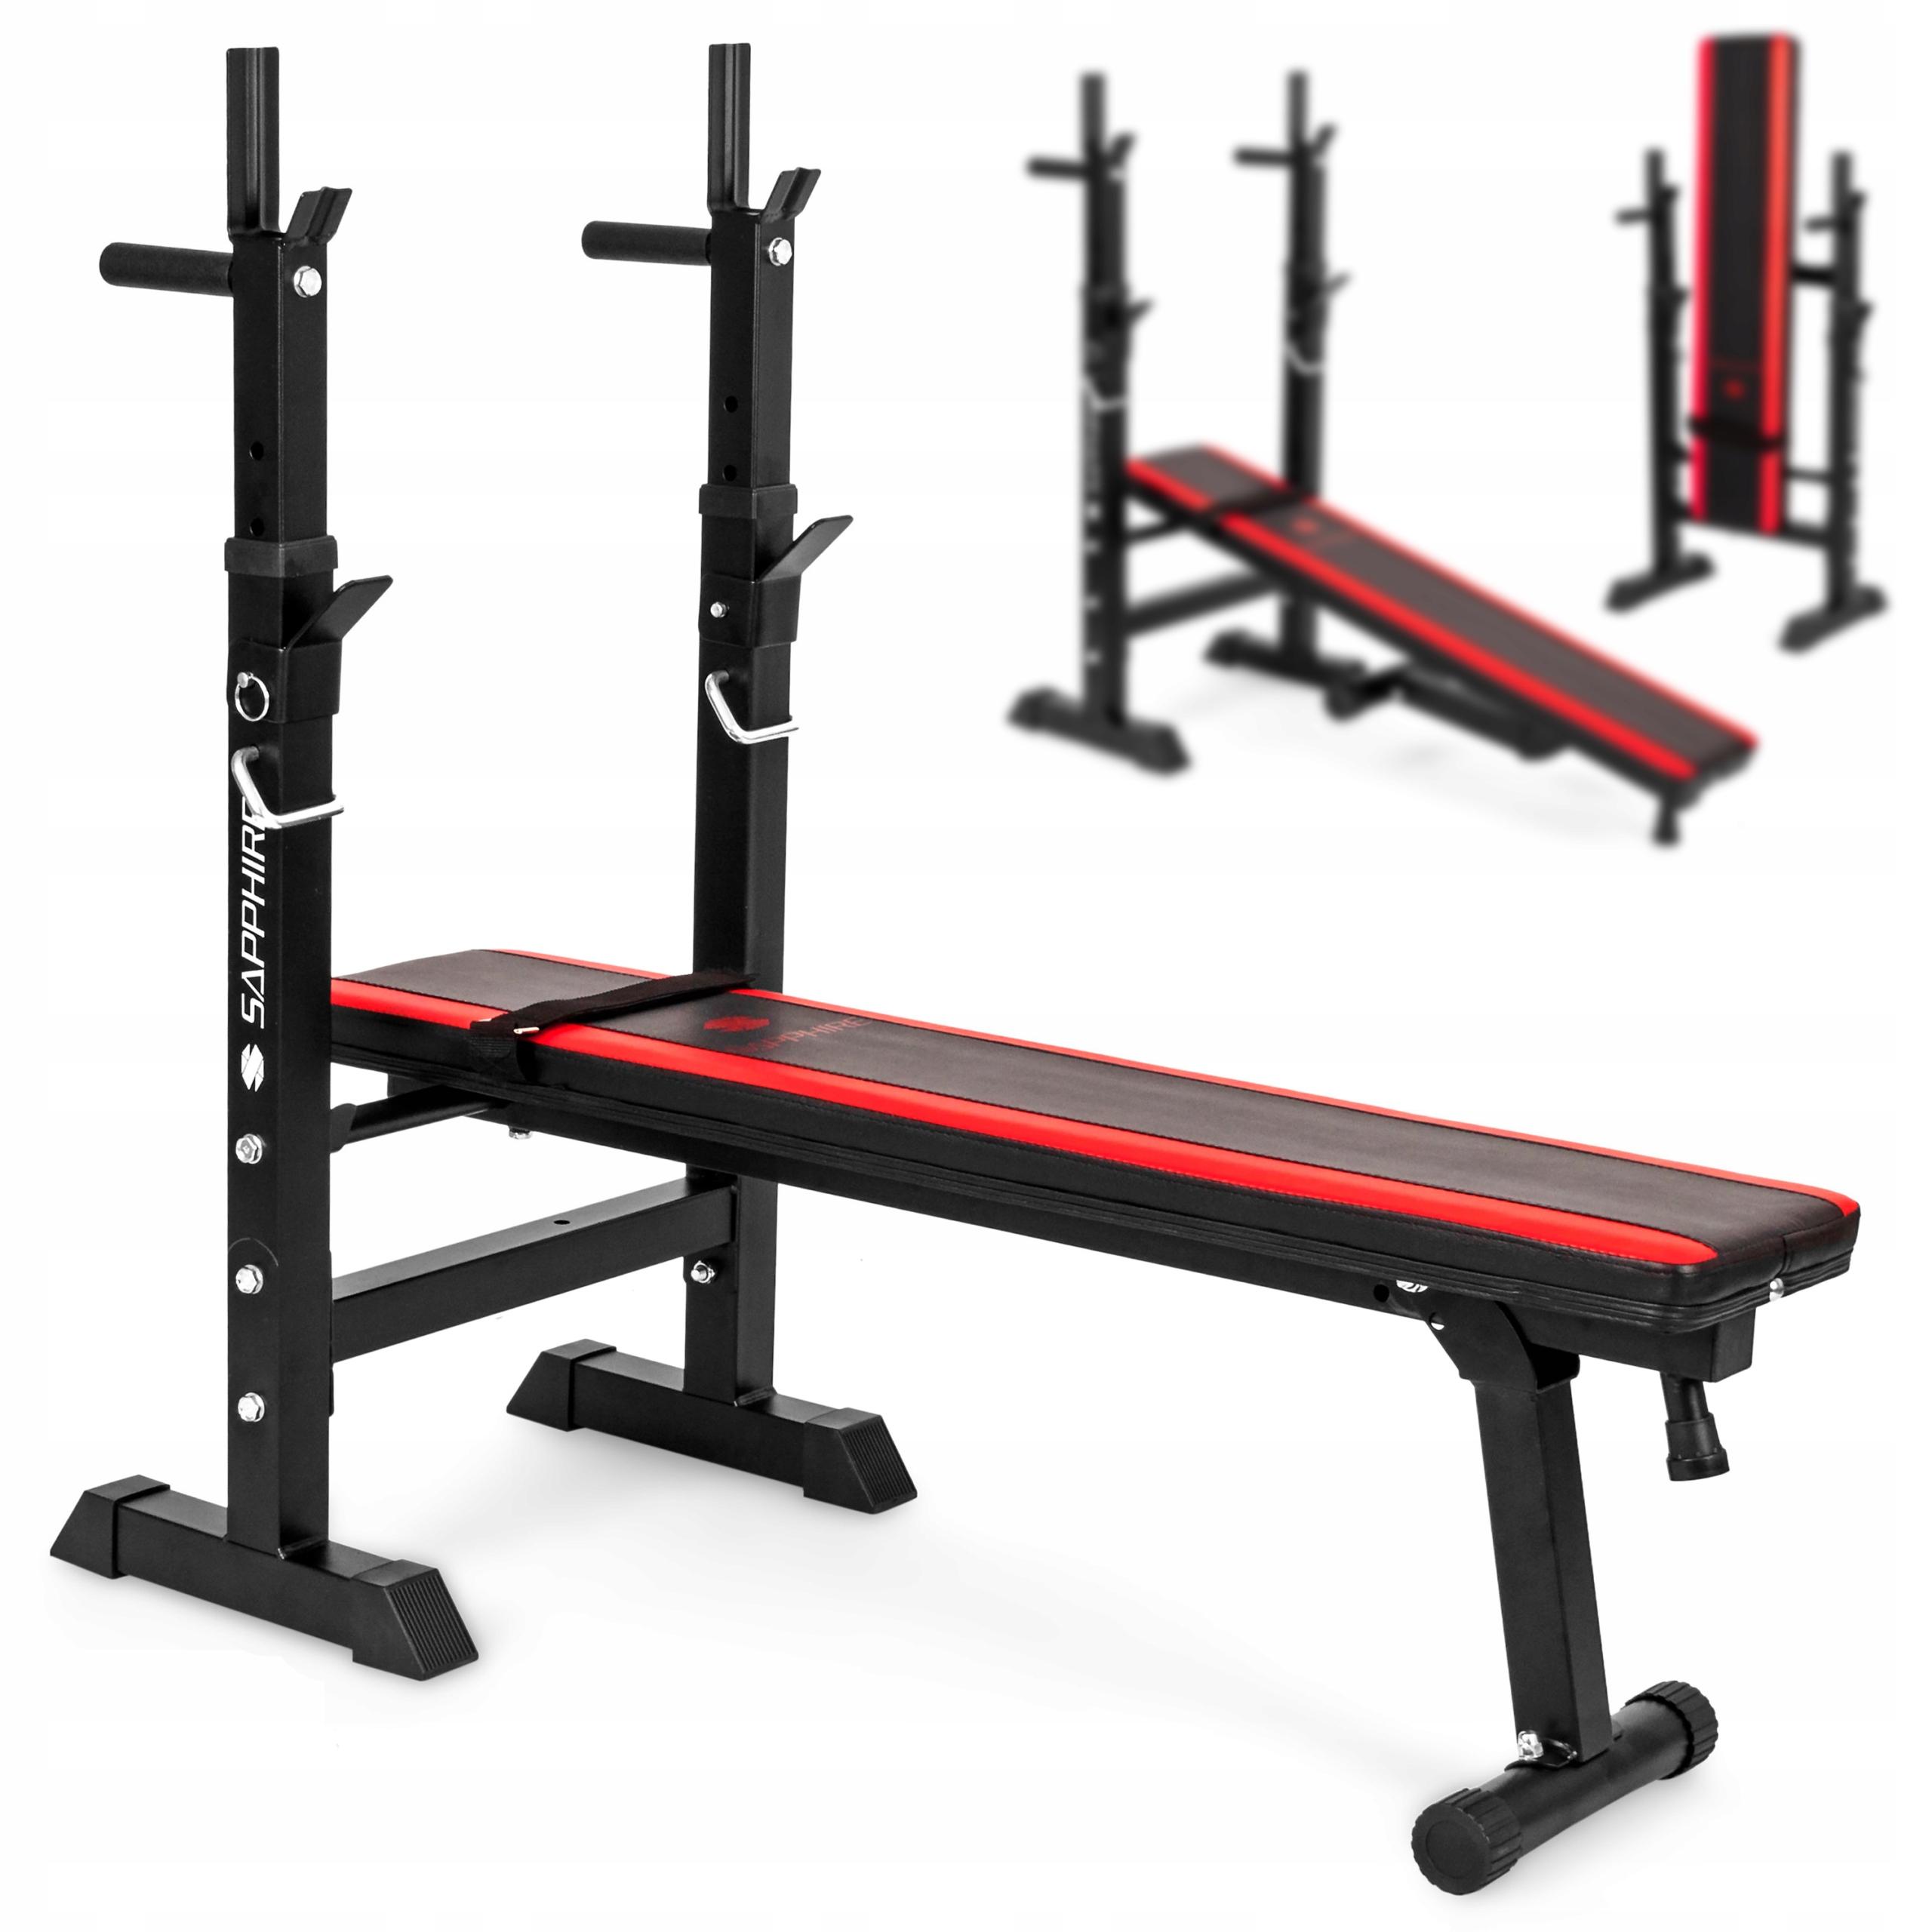 XYLO siłownia 56 kg zestaw ŁAWKA+GRYF+OBCIĄŻENIA Kod producenta 56_xg25